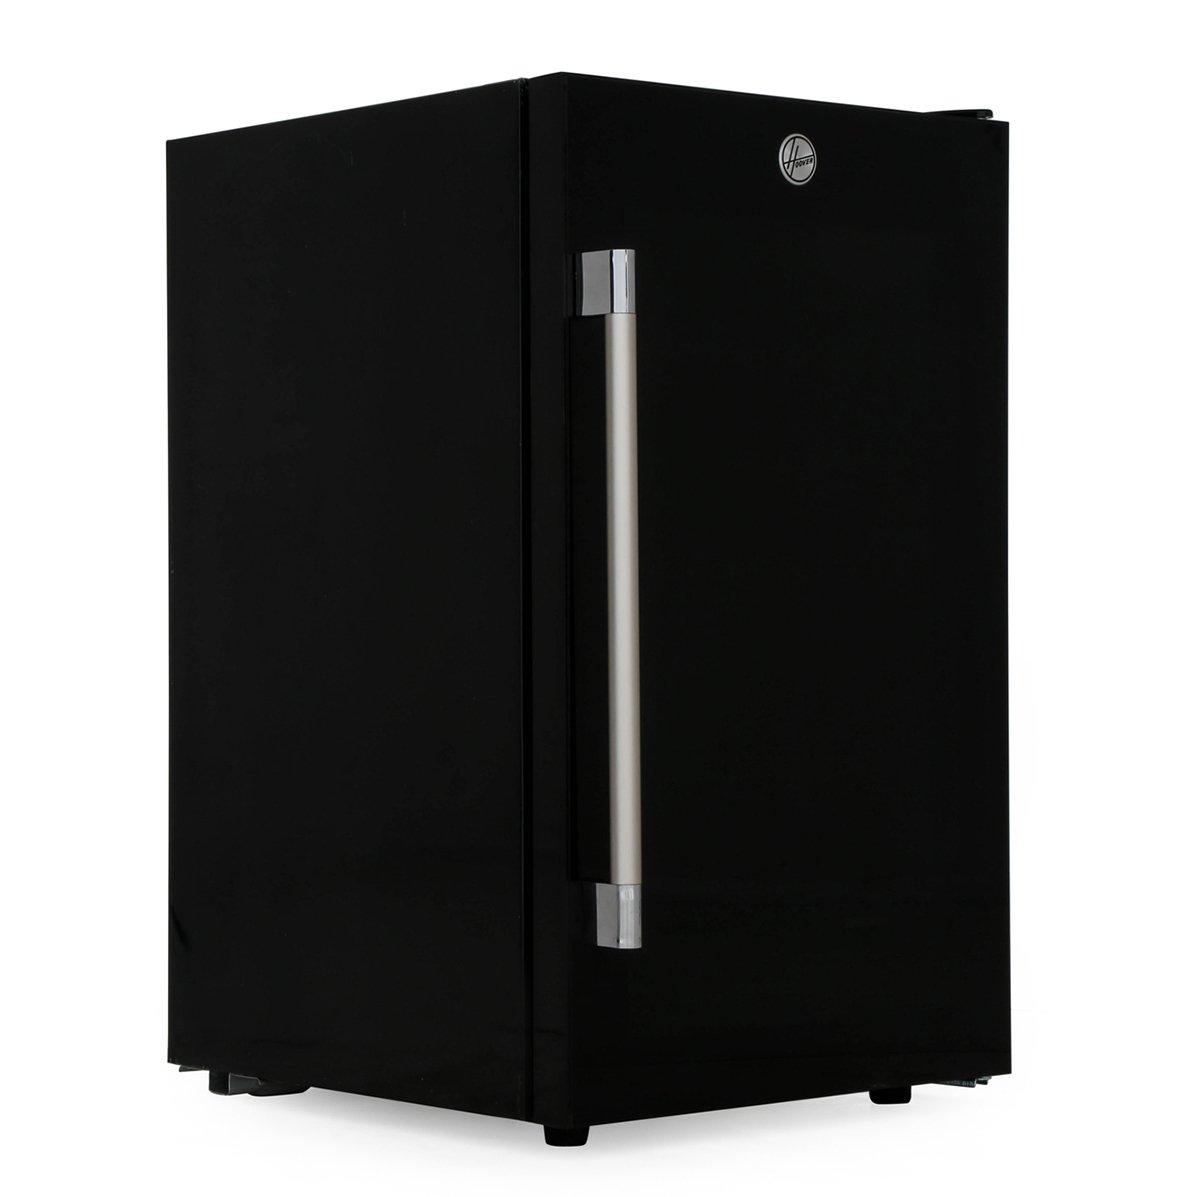 Hoover HWC150UKW Wine Cooler